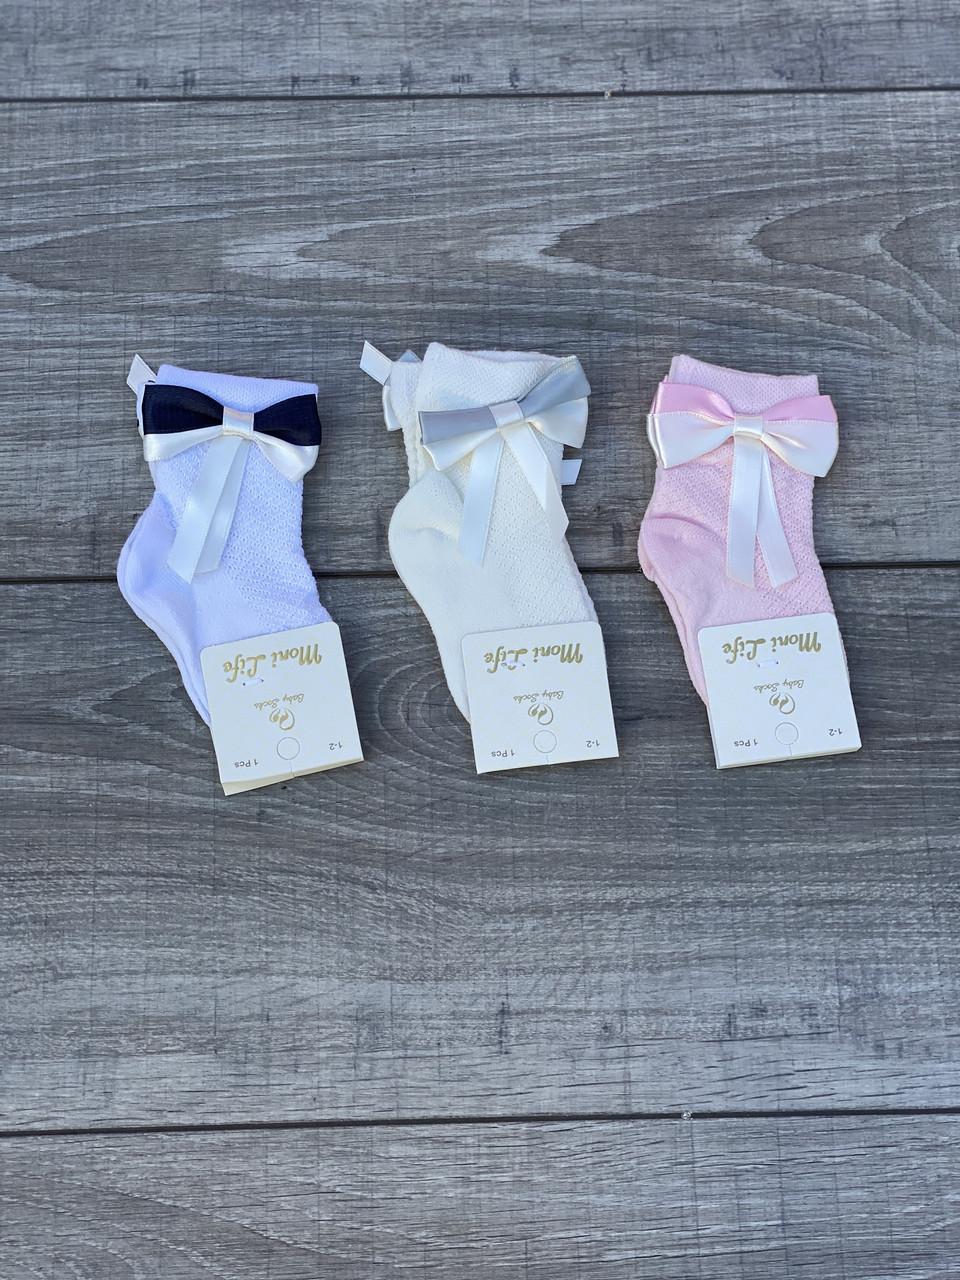 Дитячі шкарпетки бавовна Moni Life для дівчаток 0-1,1-2,3-4 року 12 шт в уп світле асорті з бантиками